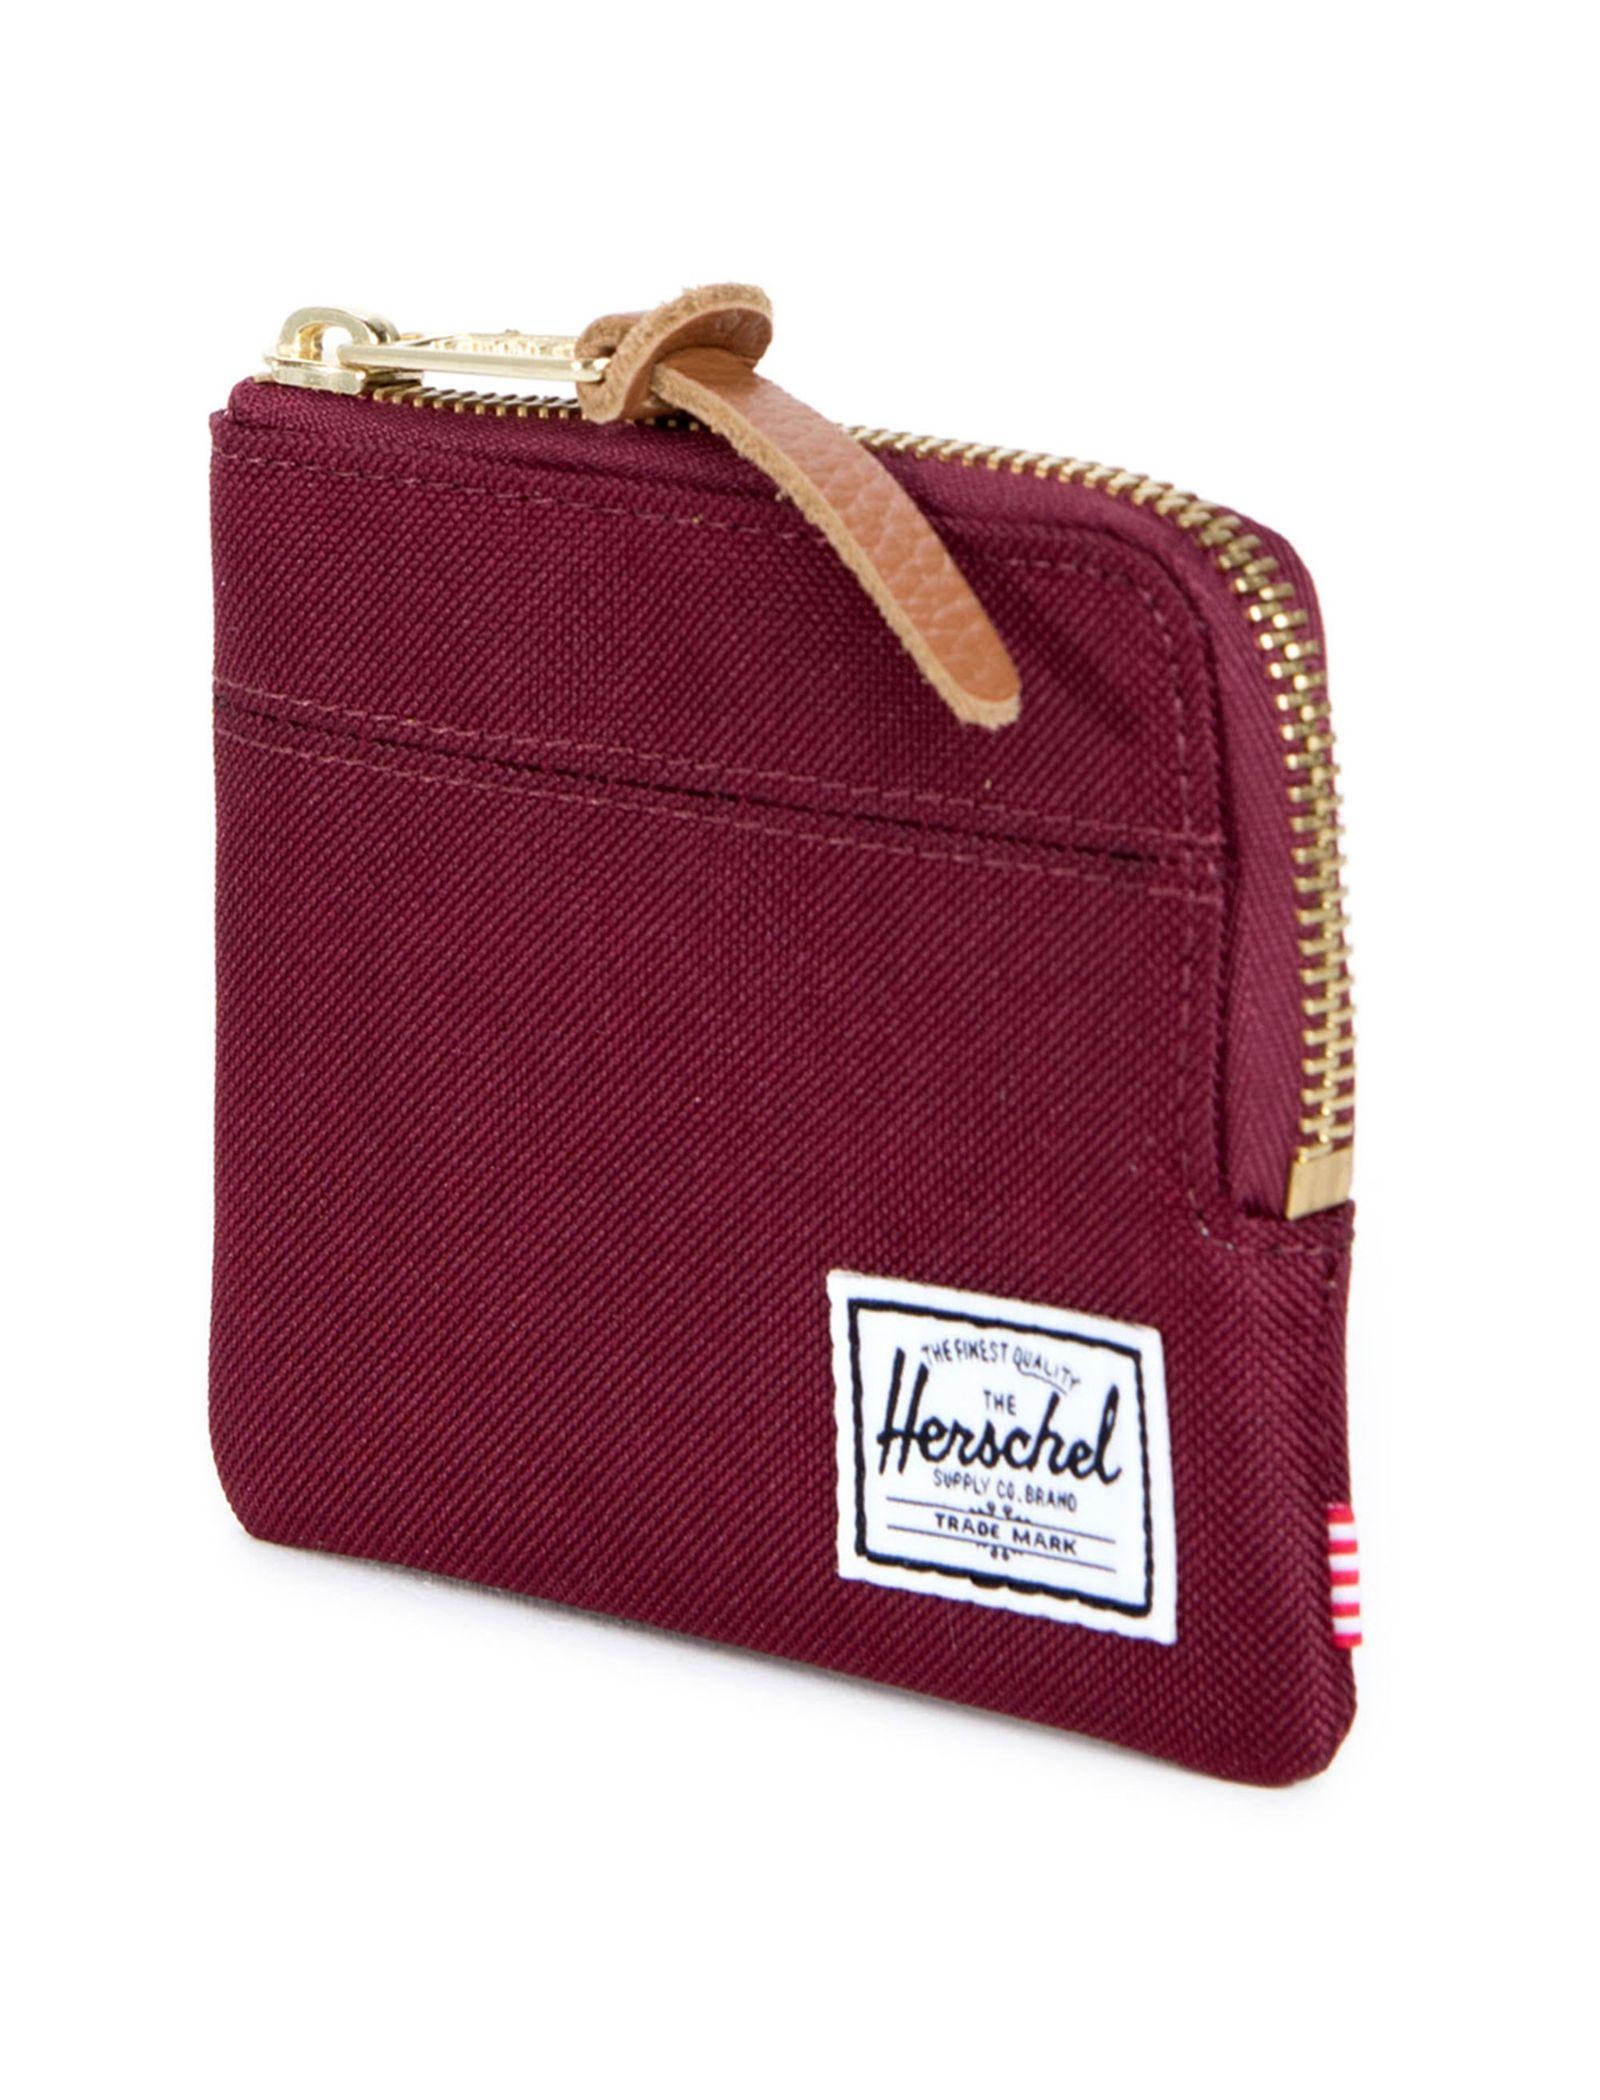 کیف پول زیپ دار زنانه - هرشل - زرشکي - 2